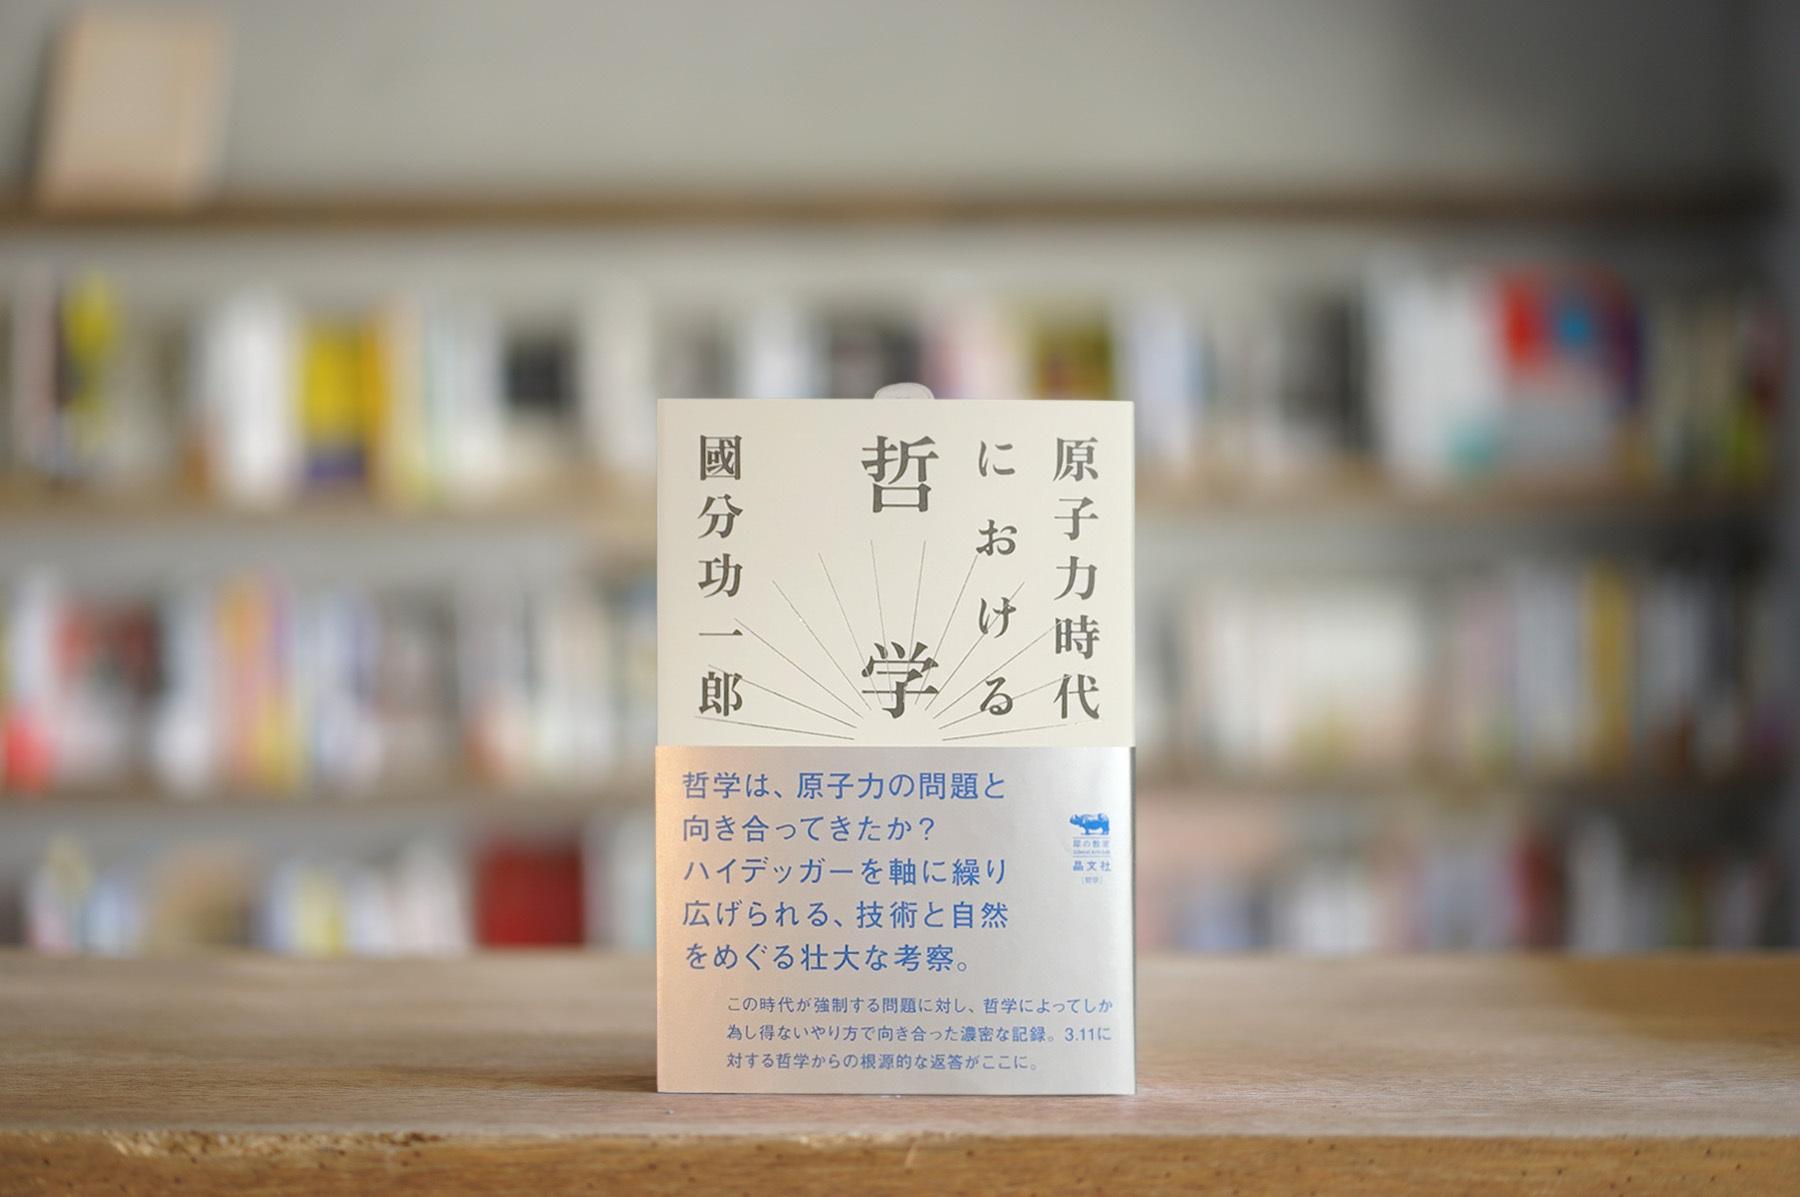 國分功一郎 『原子力時代における哲学』 (晶文社、2019)